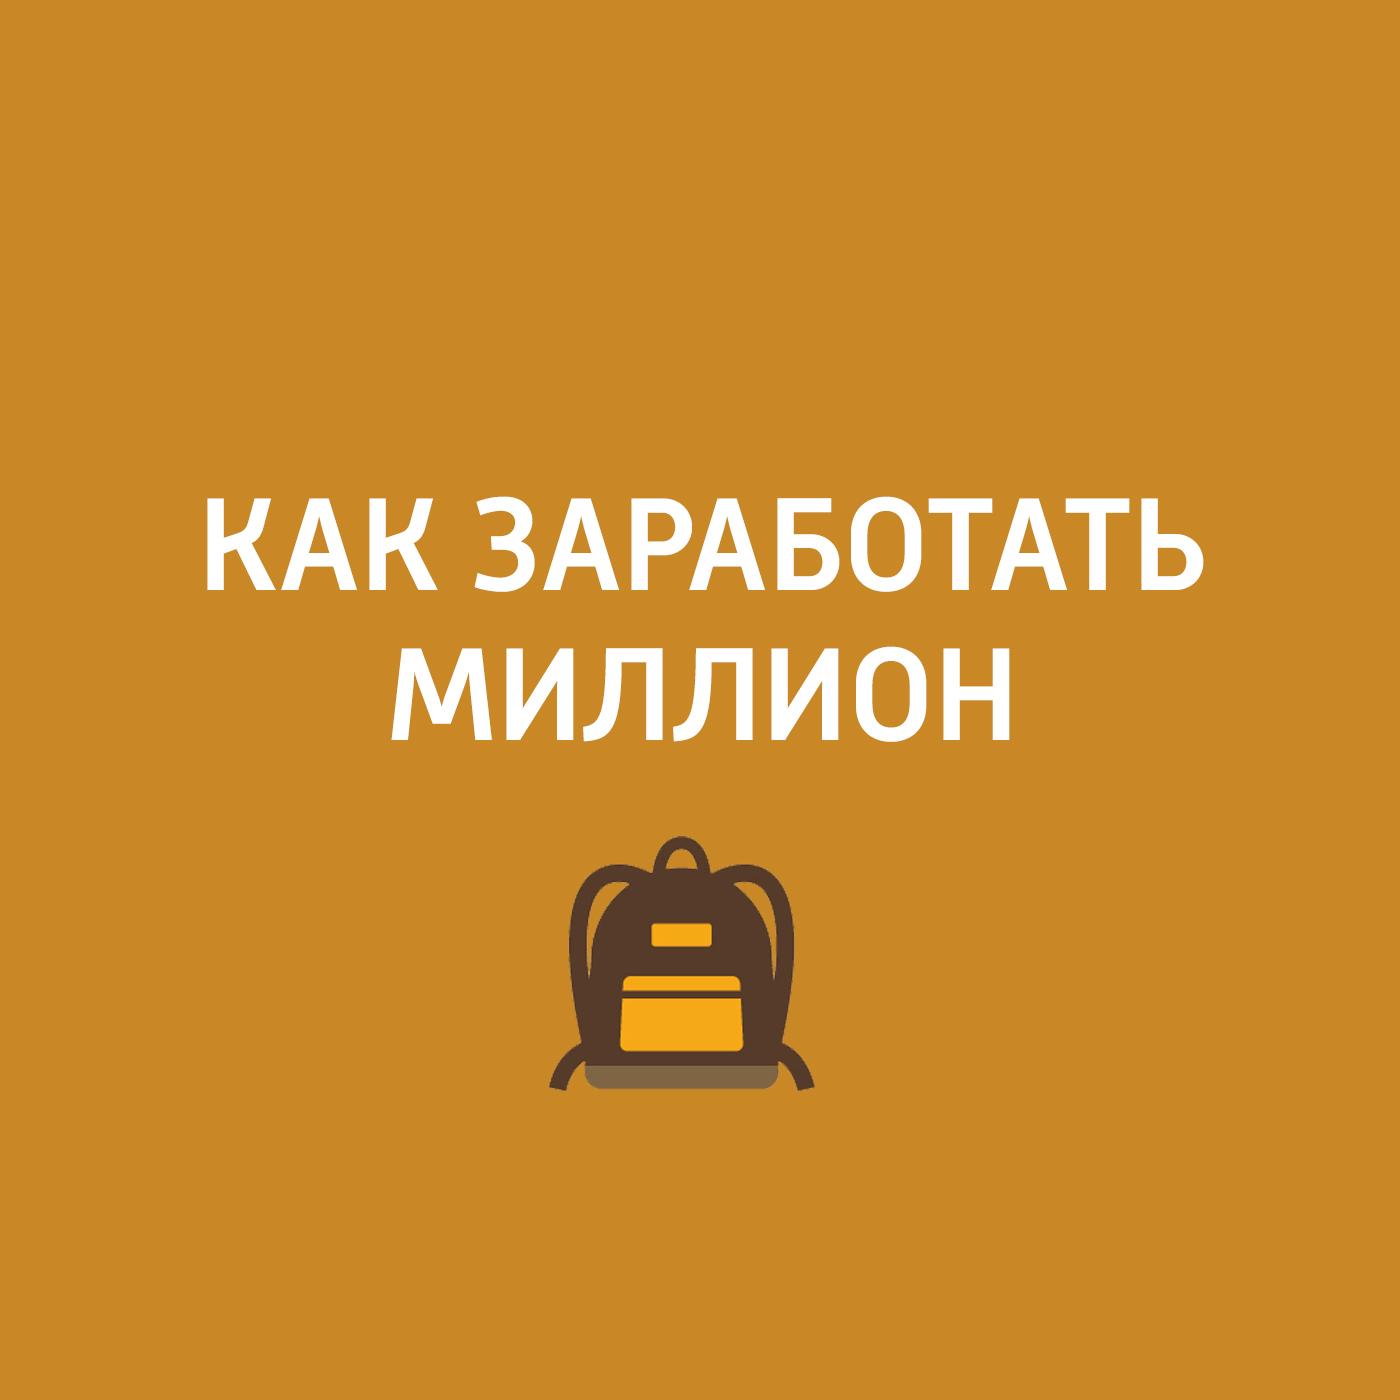 Творческий коллектив шоу «Сергей Стиллавин и его друзья» LavkaLavka катрафай крем купить в москве